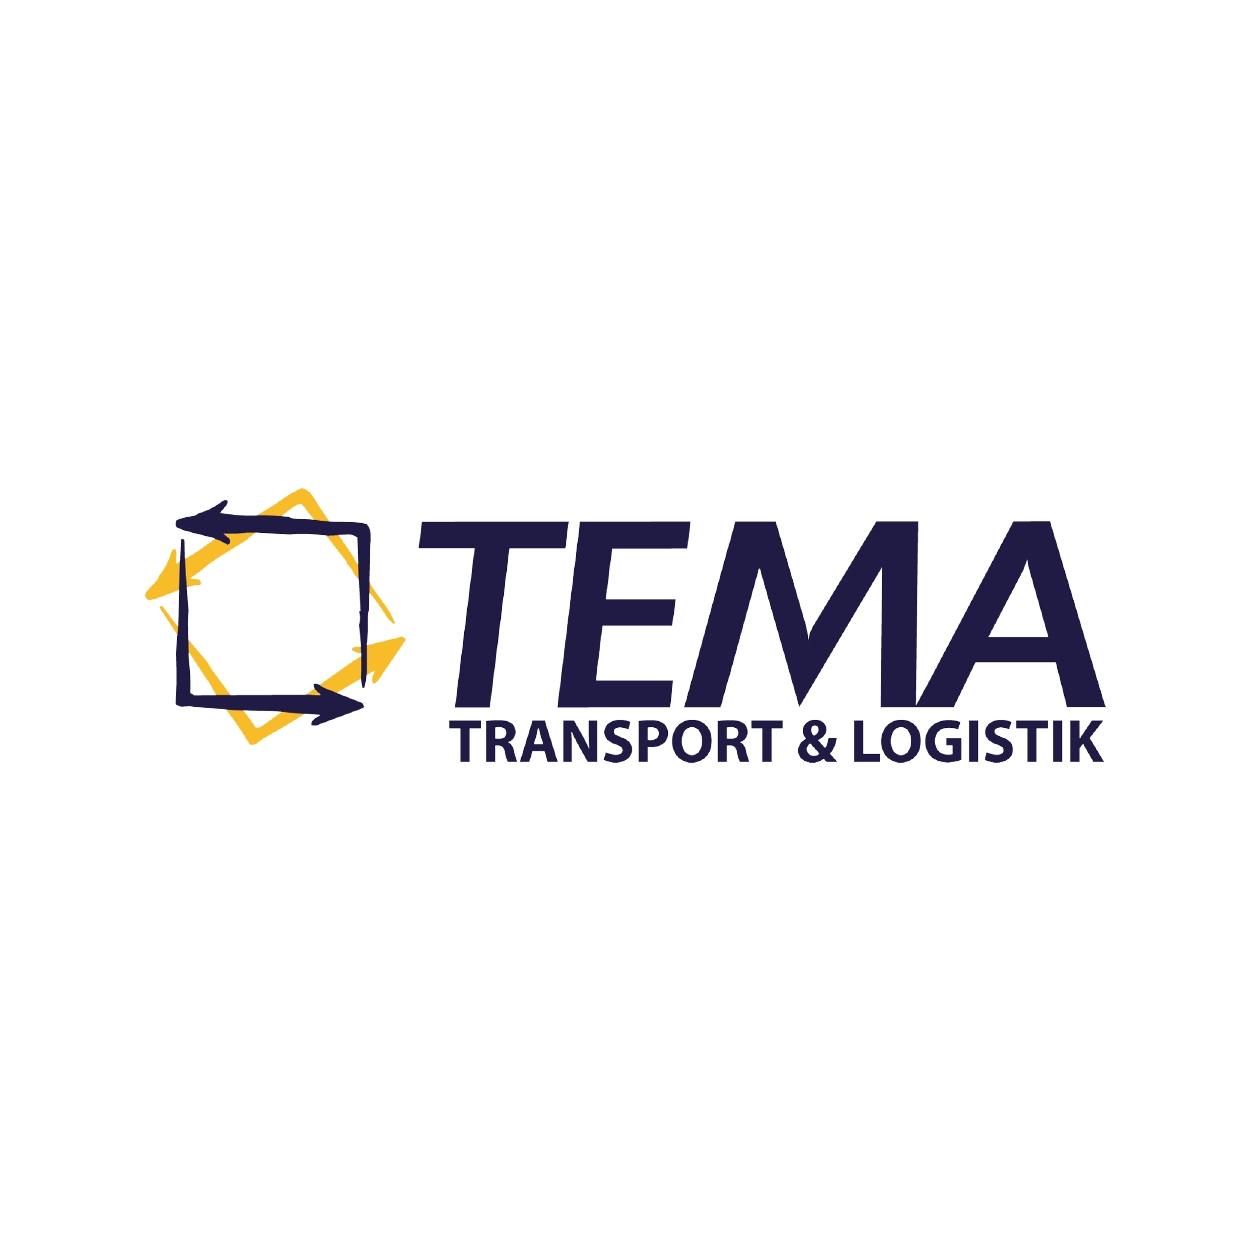 TEMA Transport & Logistik – Logistik- und Lieferdienst